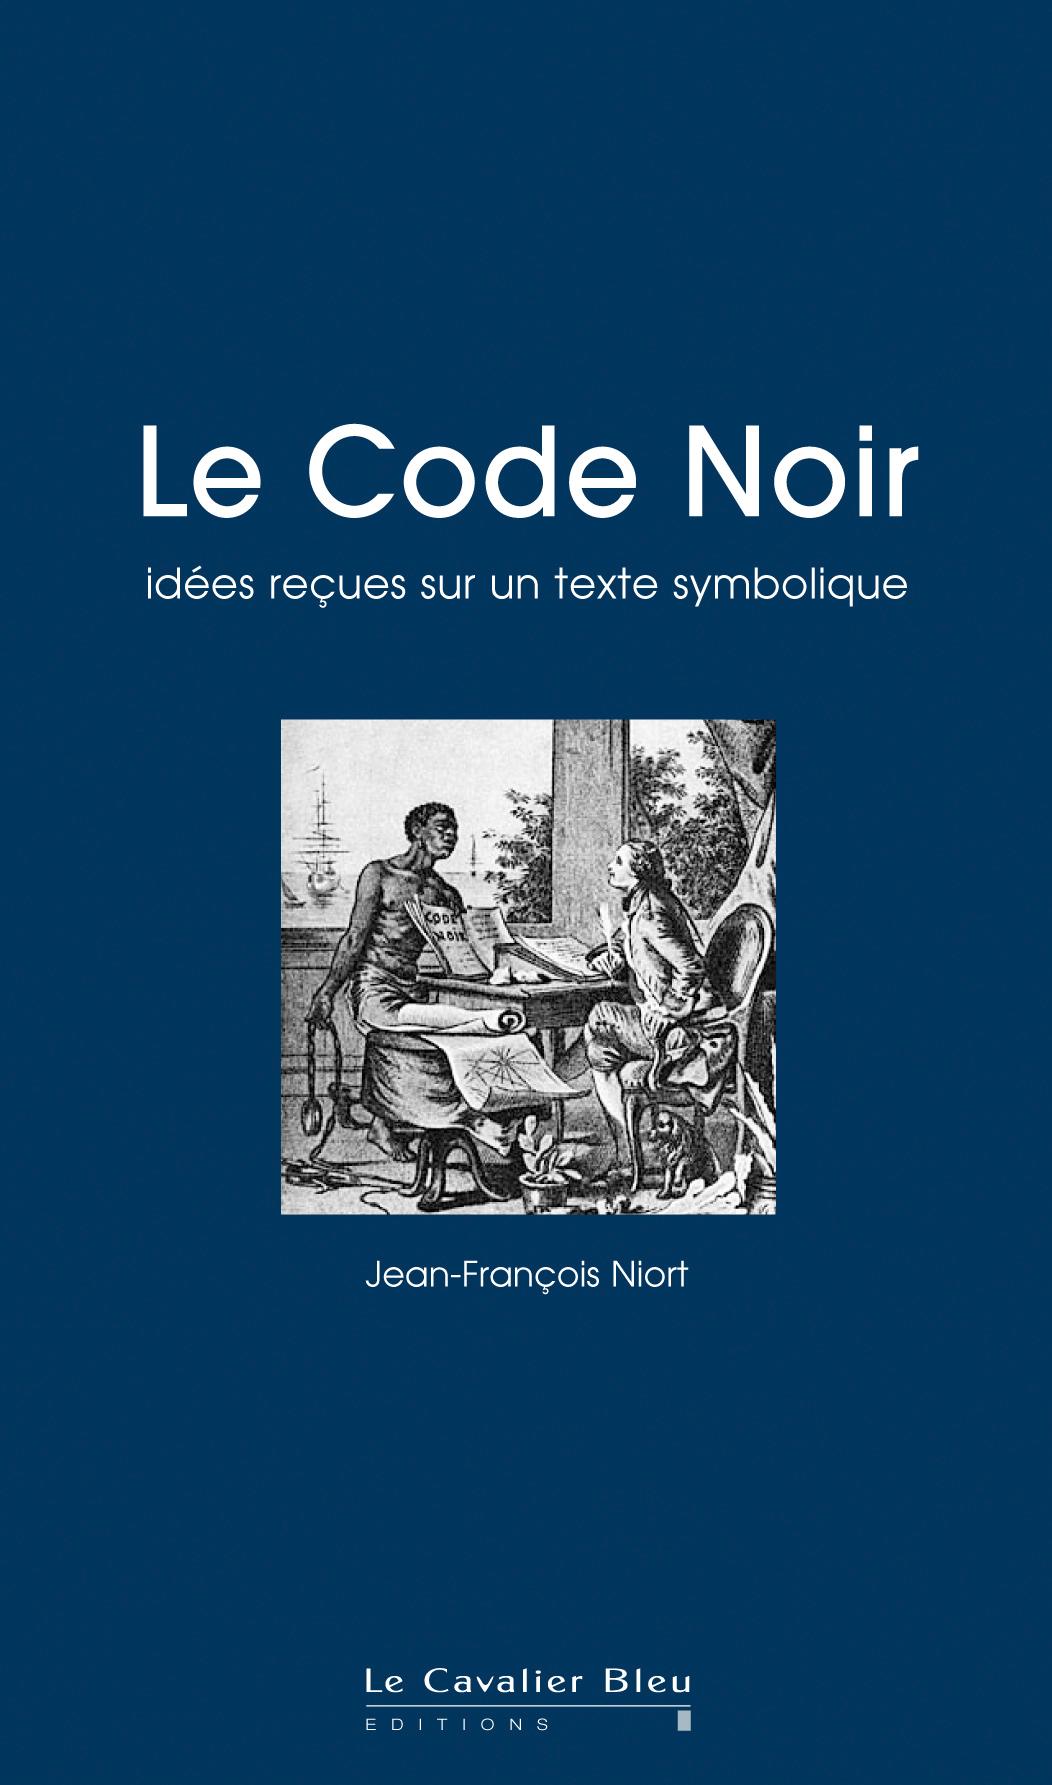 Le Code Noir